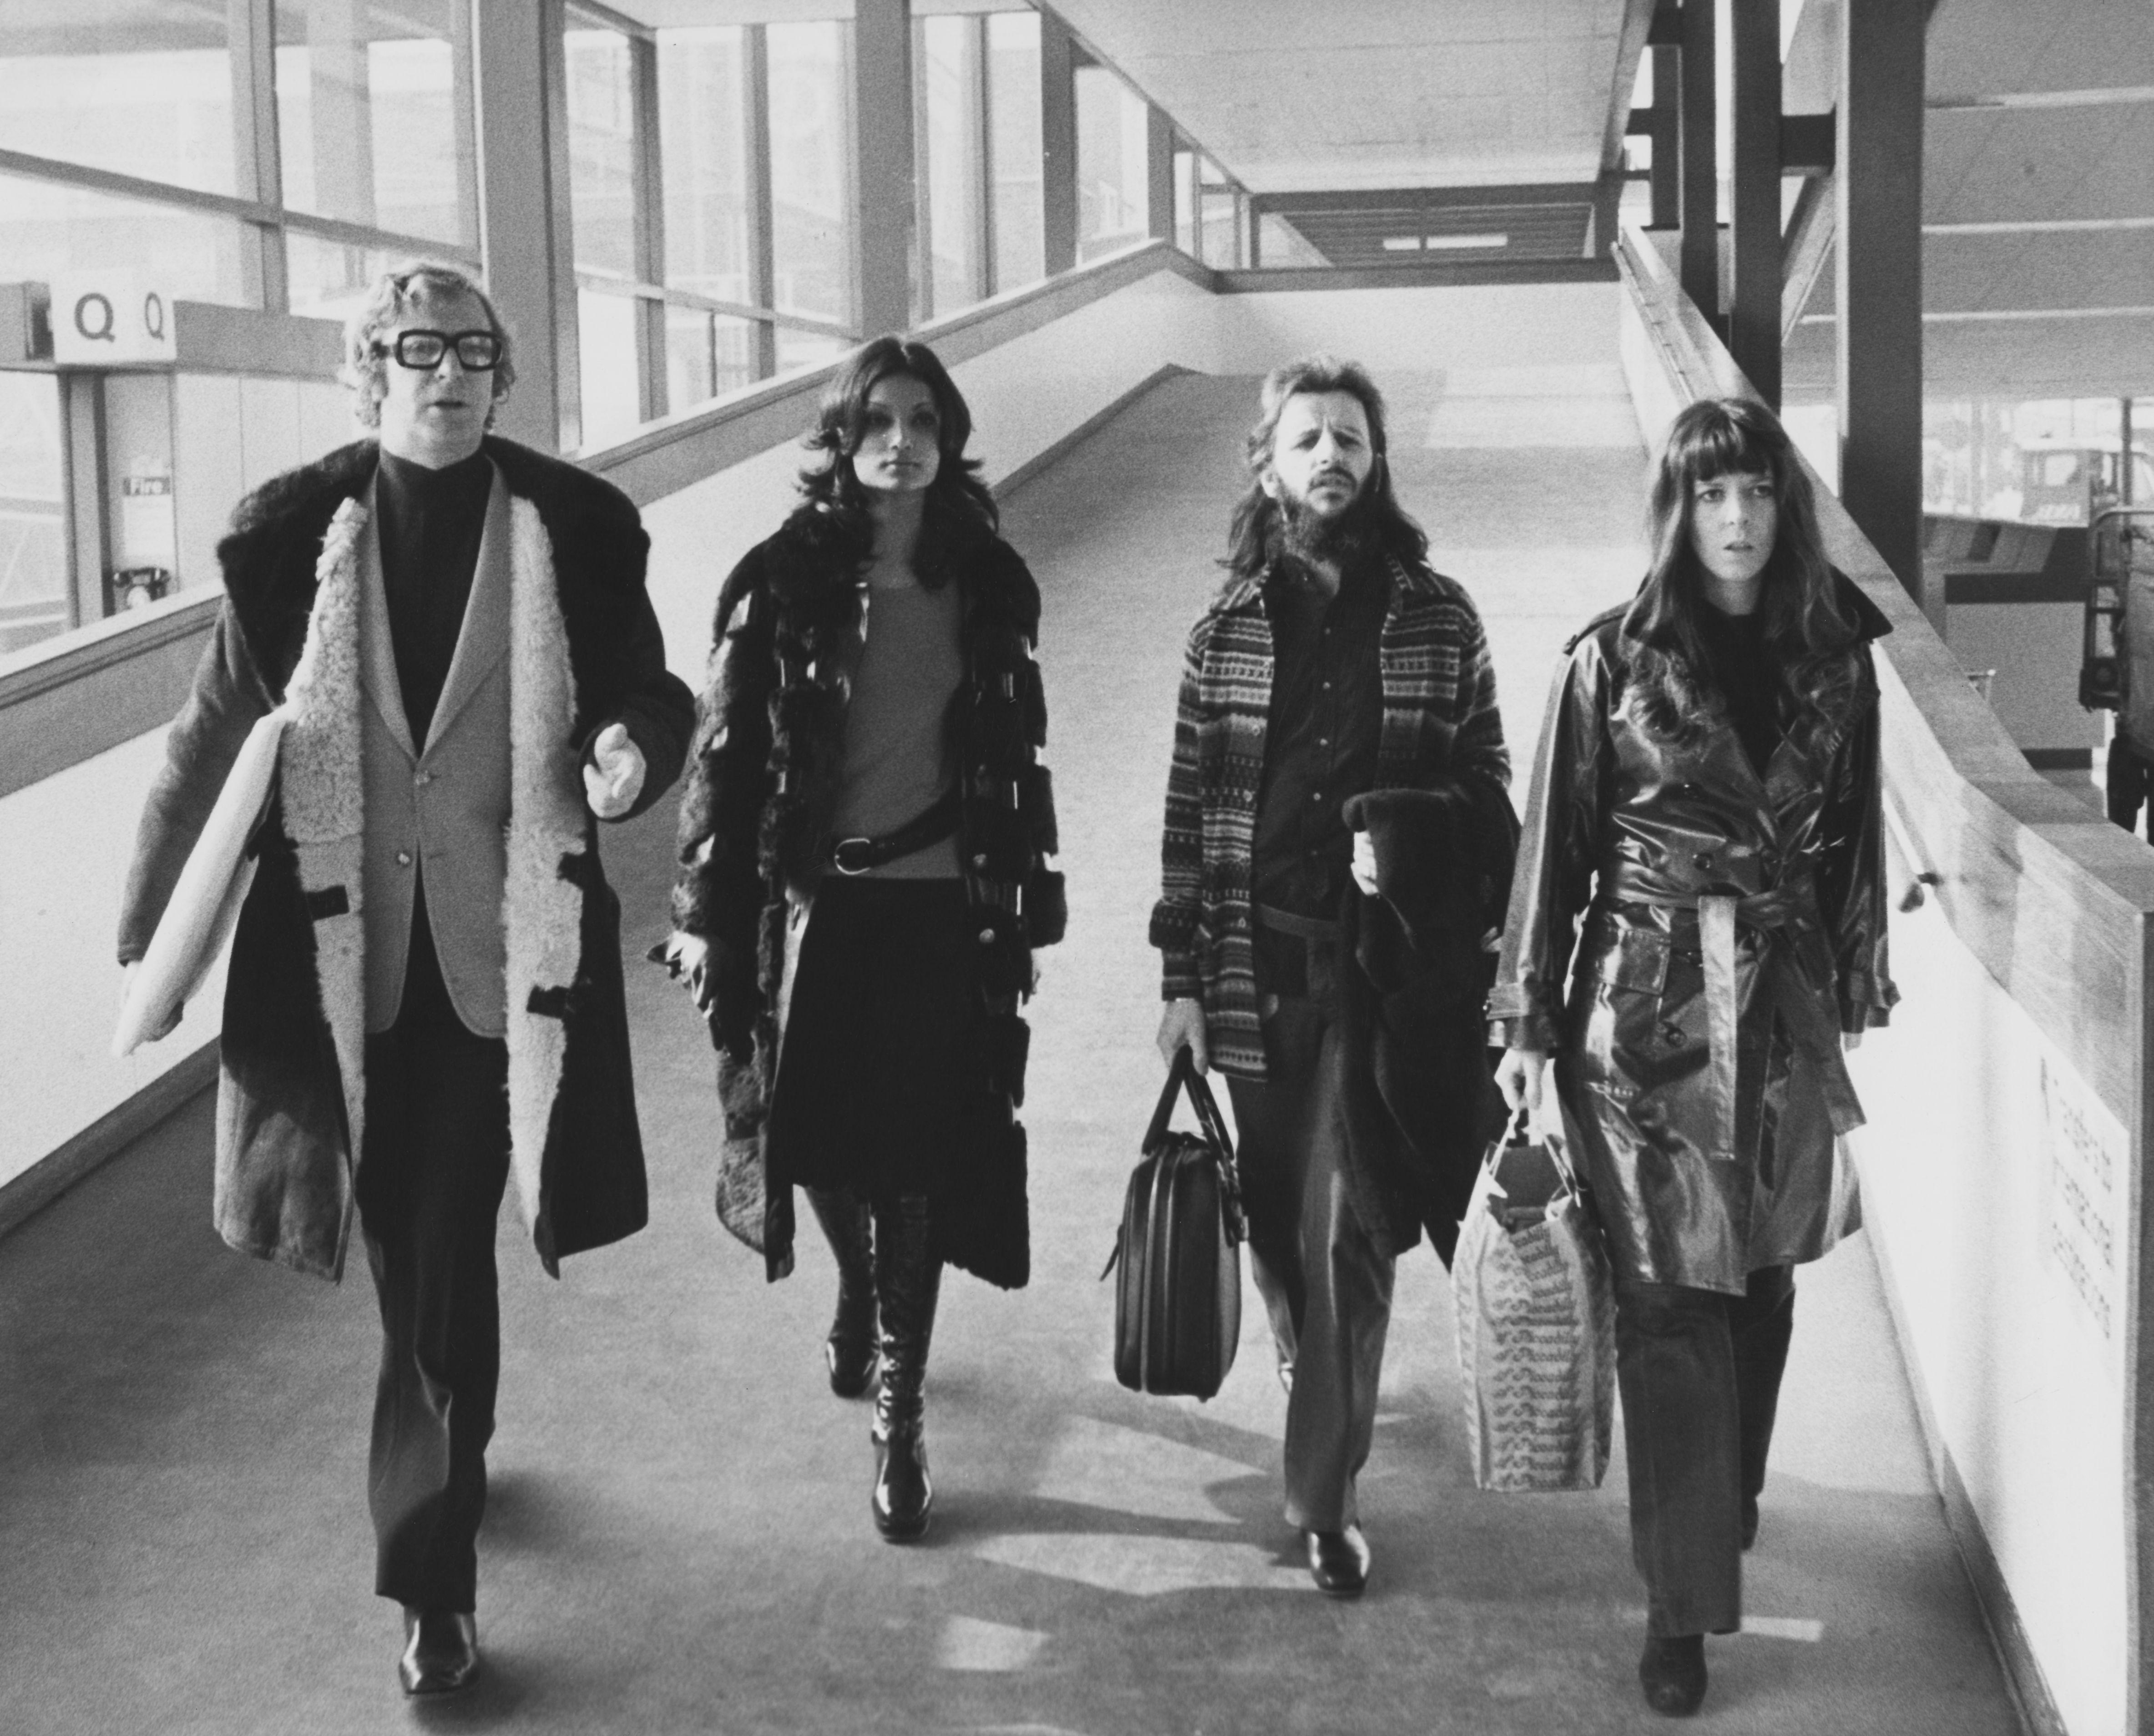 estrellas, aeropuerto, 70, 1970, decada de los 70, celebrities, famosos, actores, actrices, cantantes, músicos, cantante, modelo, años 70, 70s, estilo 70s, moda 70s, moda años 70, estilo años 70